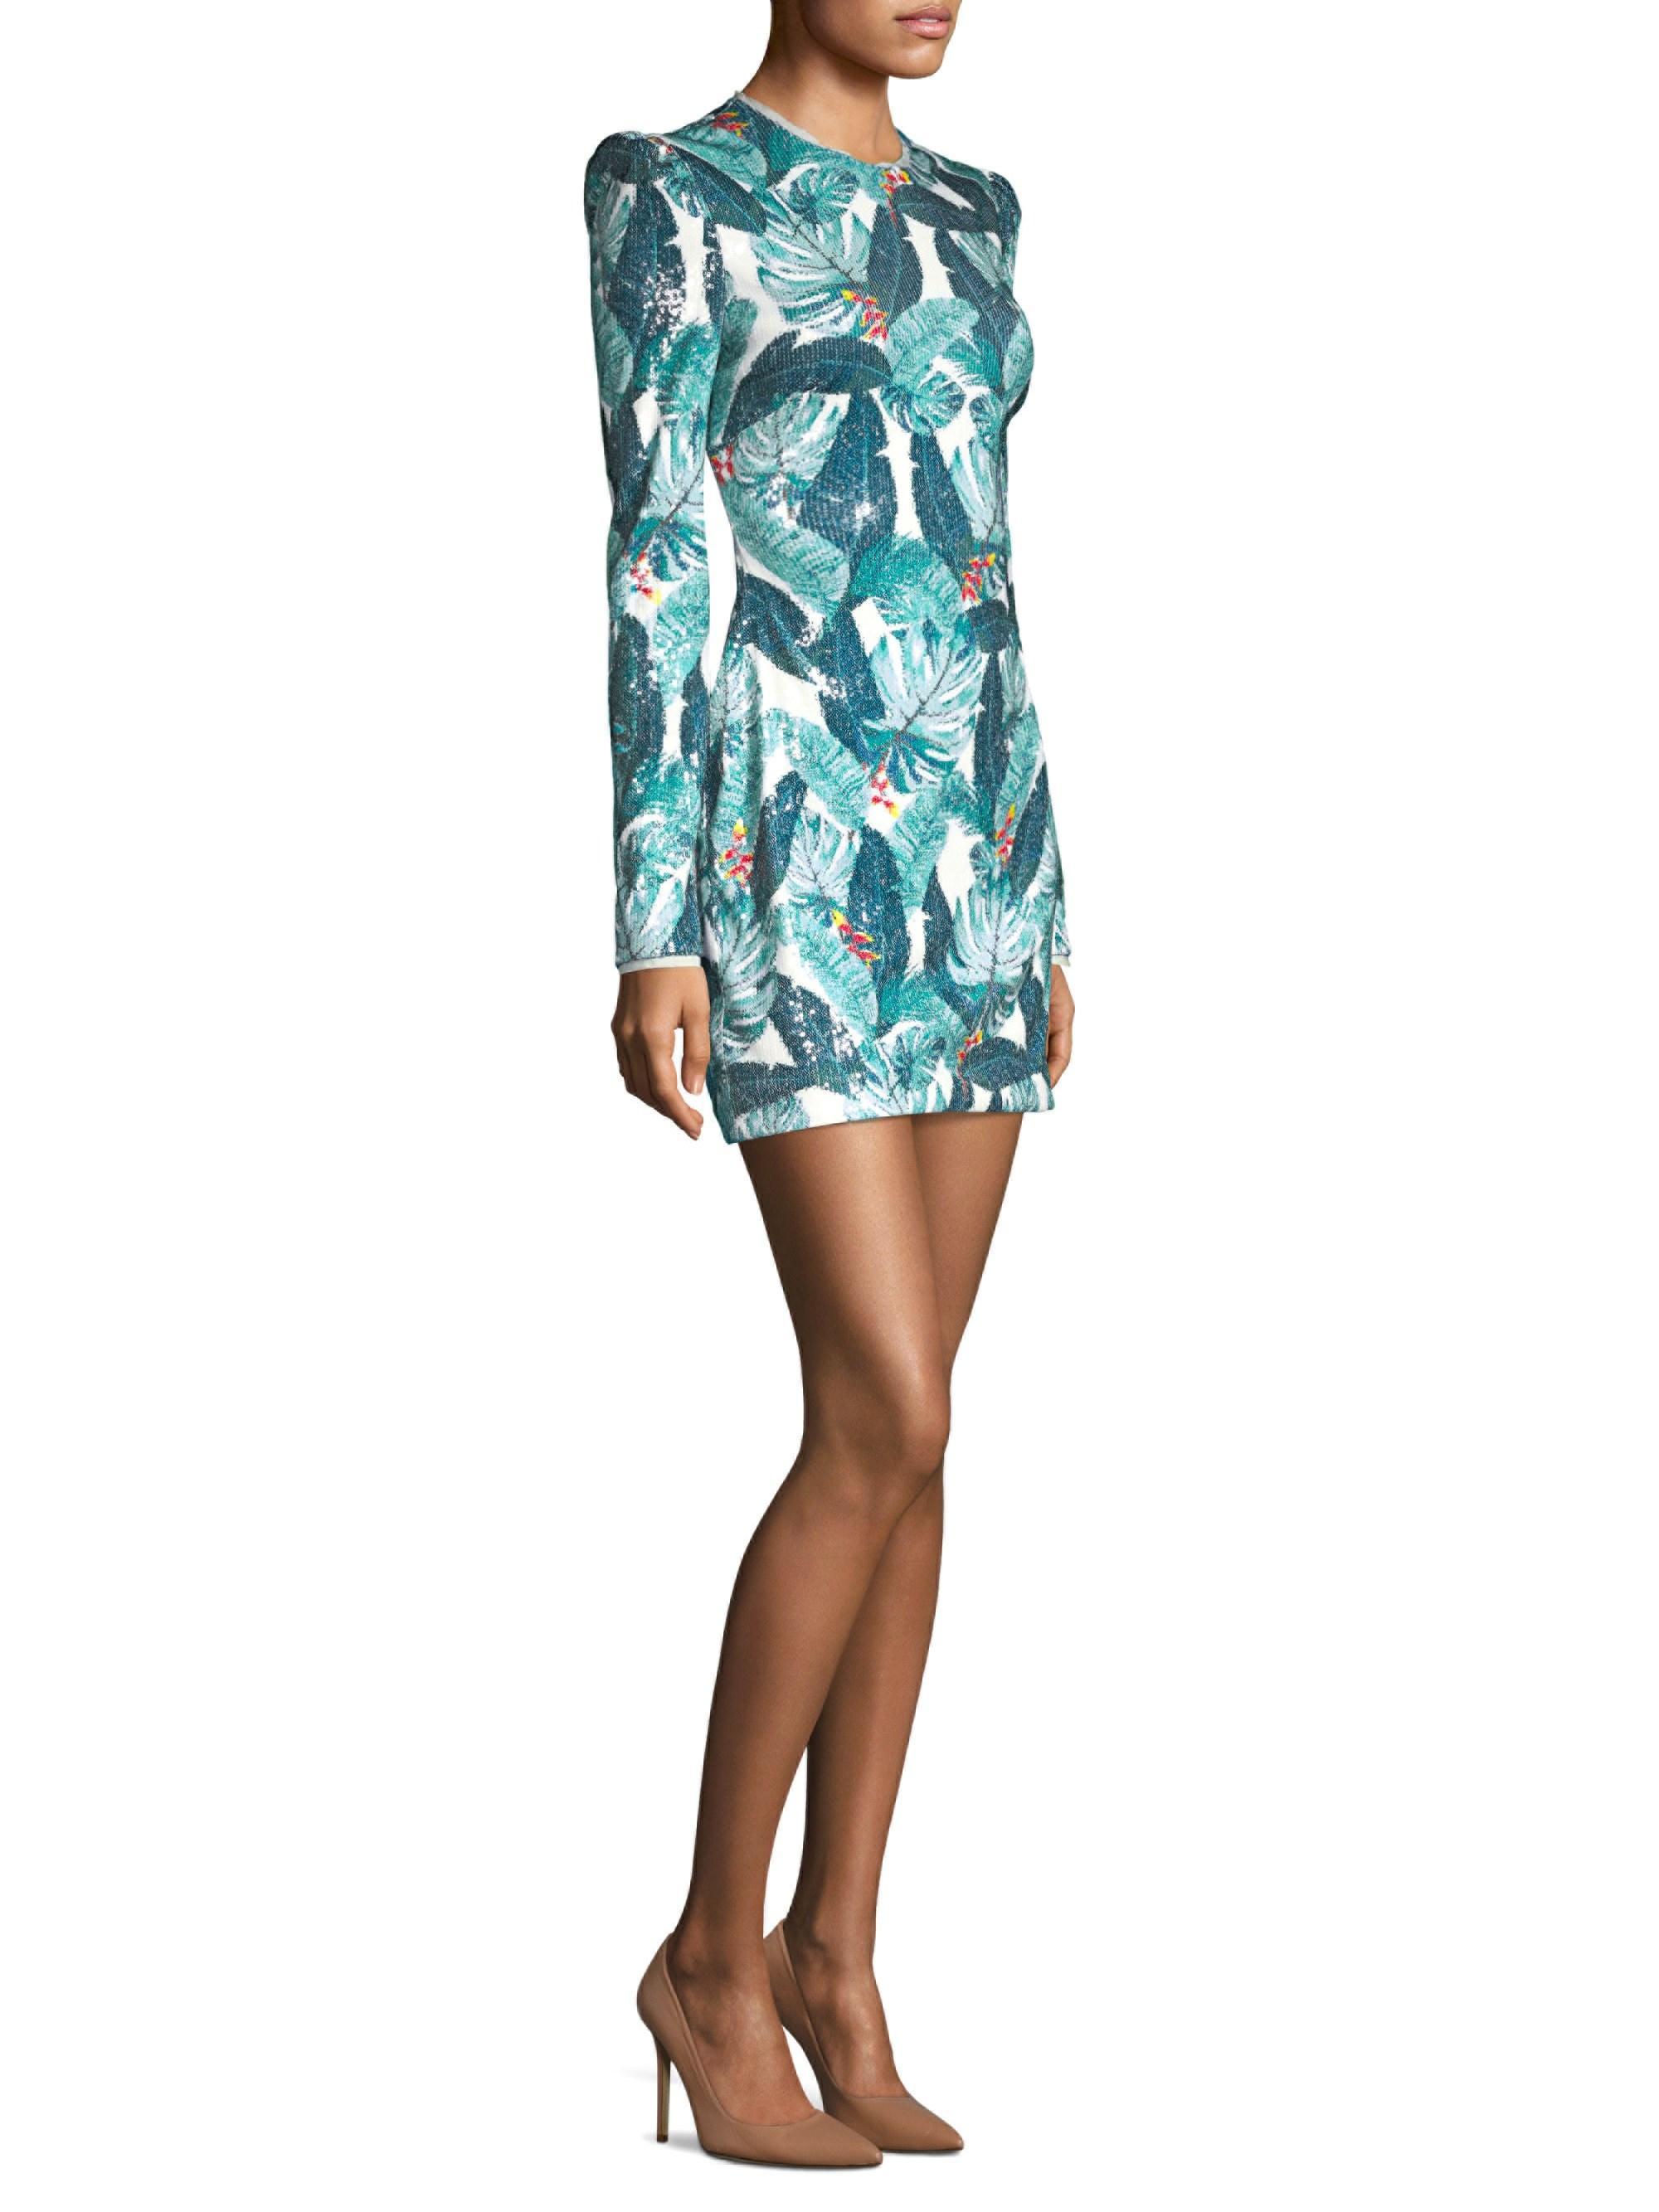 287019fa8451 Rachel Zoe Women's Amelia Sequin Dress - Size 4 in Green - Lyst